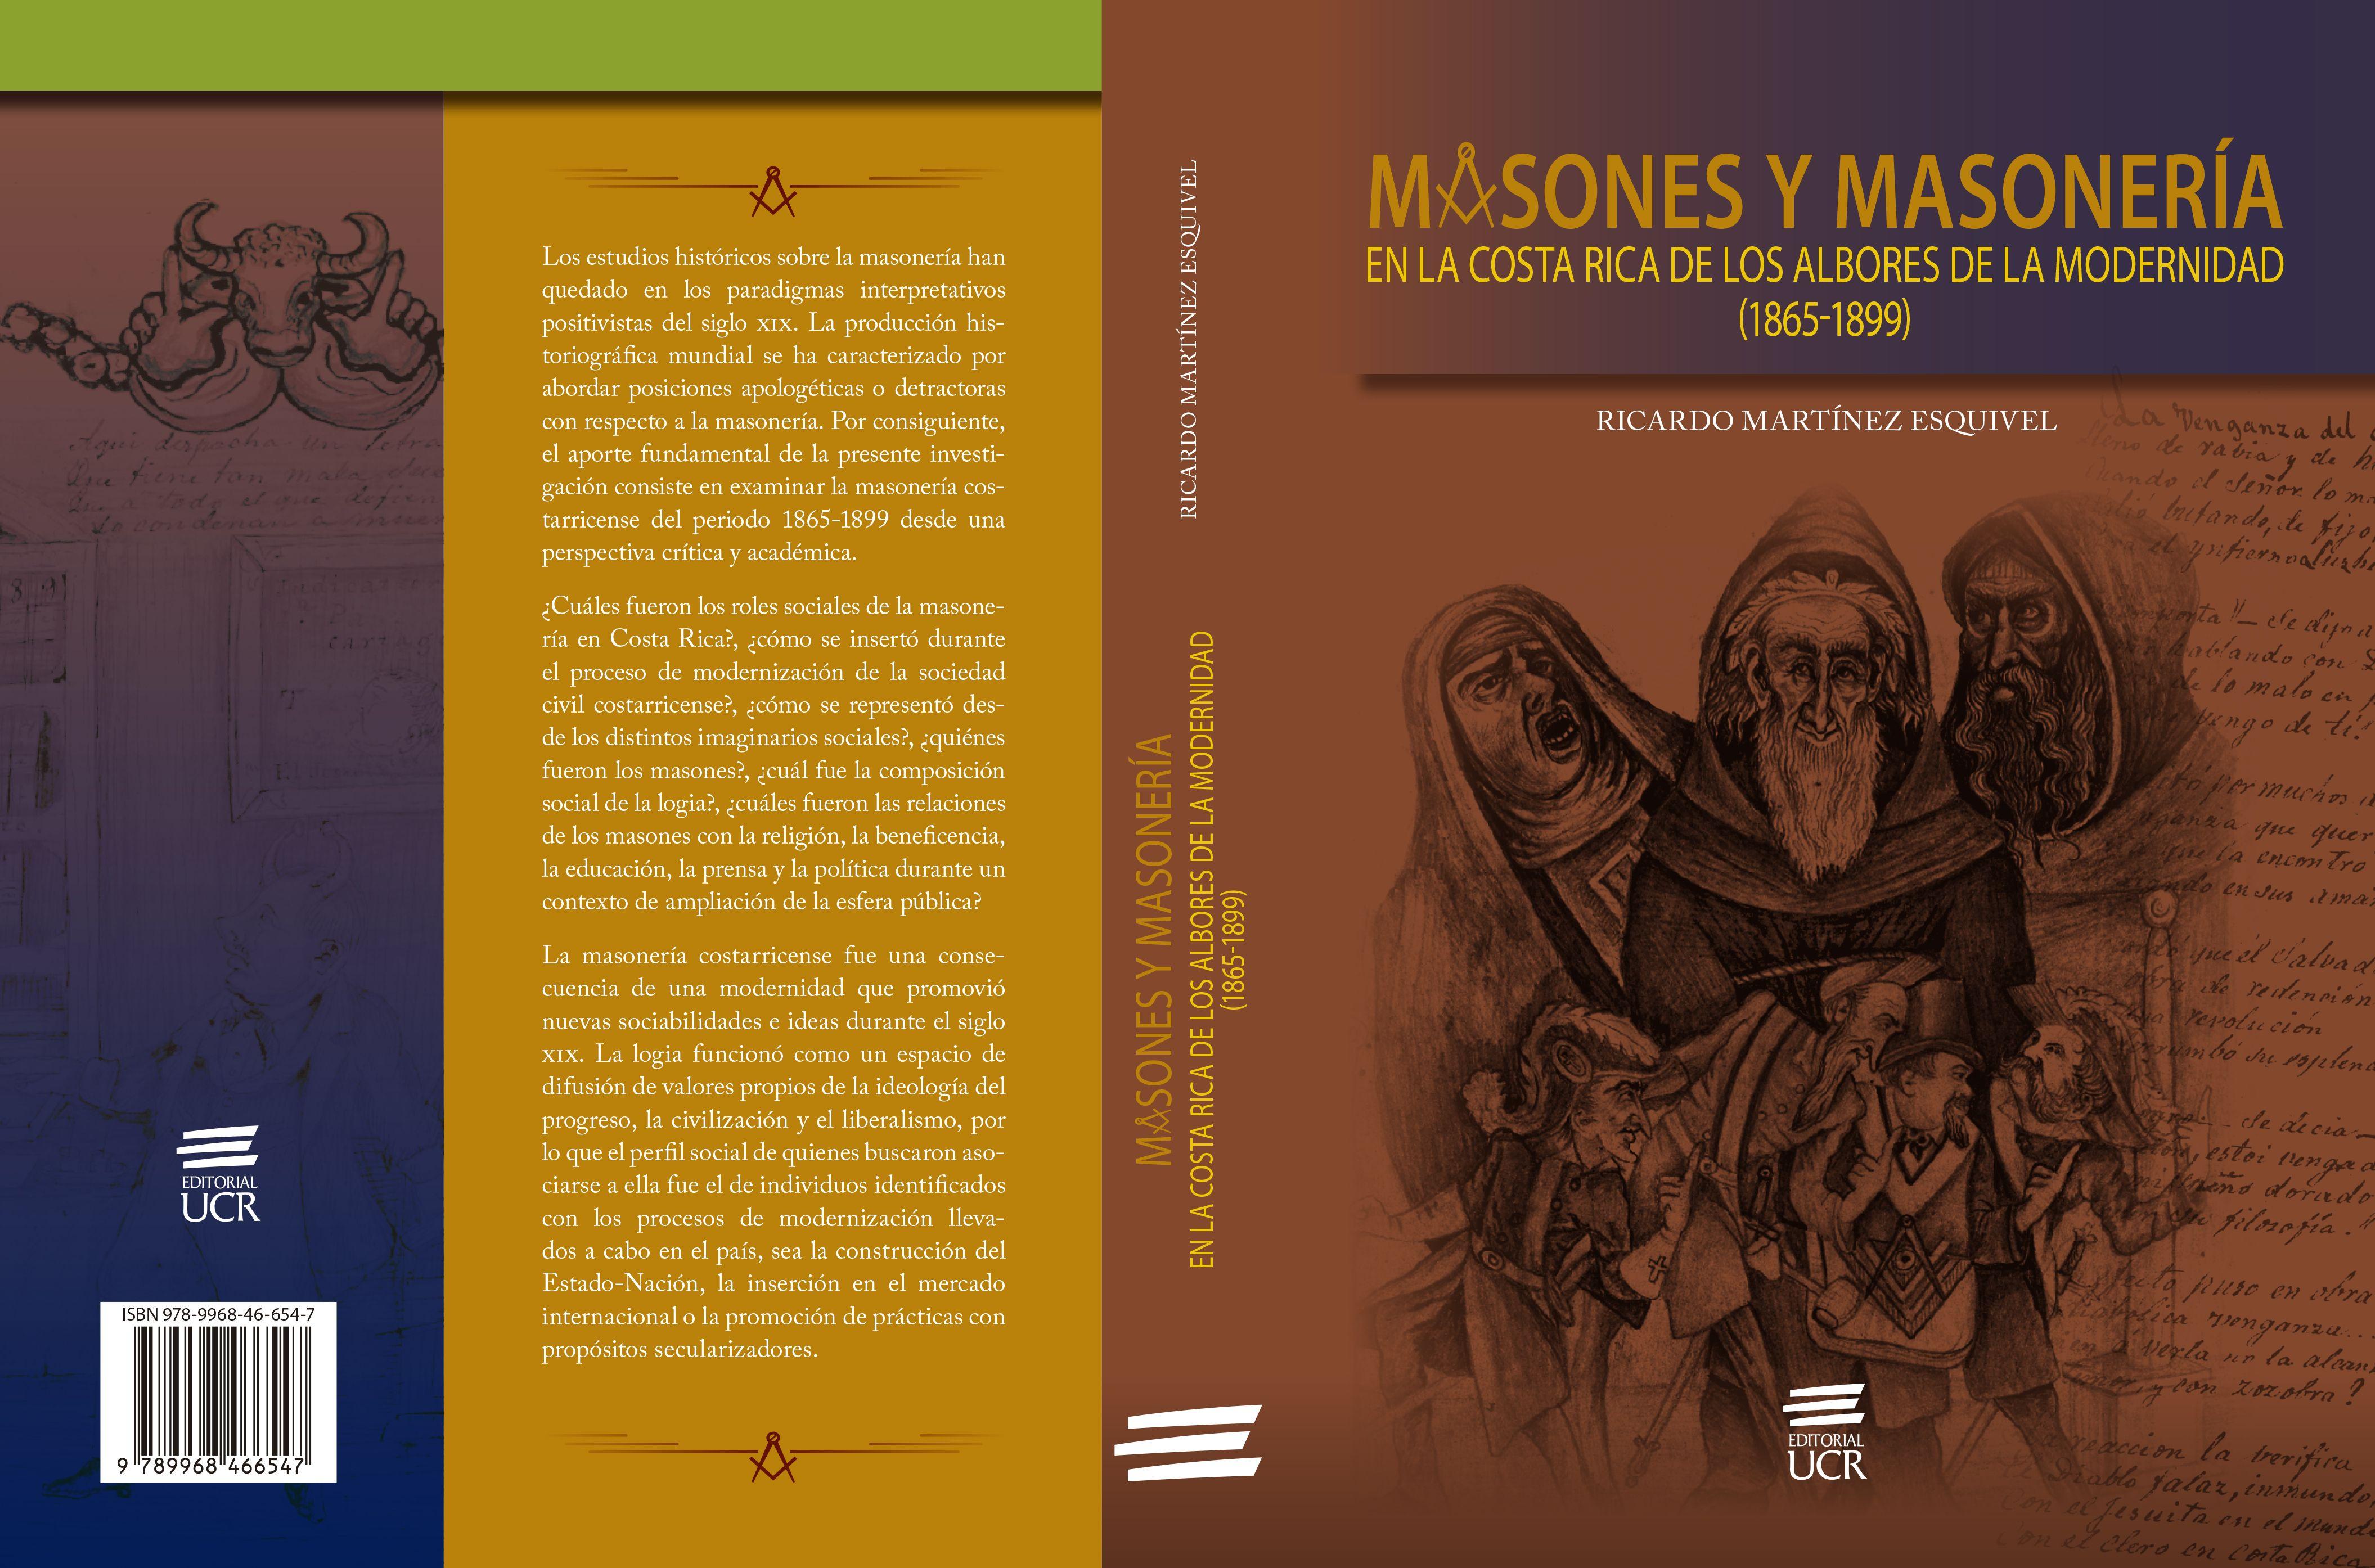 Masones y masonería en la Costa Rica de los albores de la modernidad